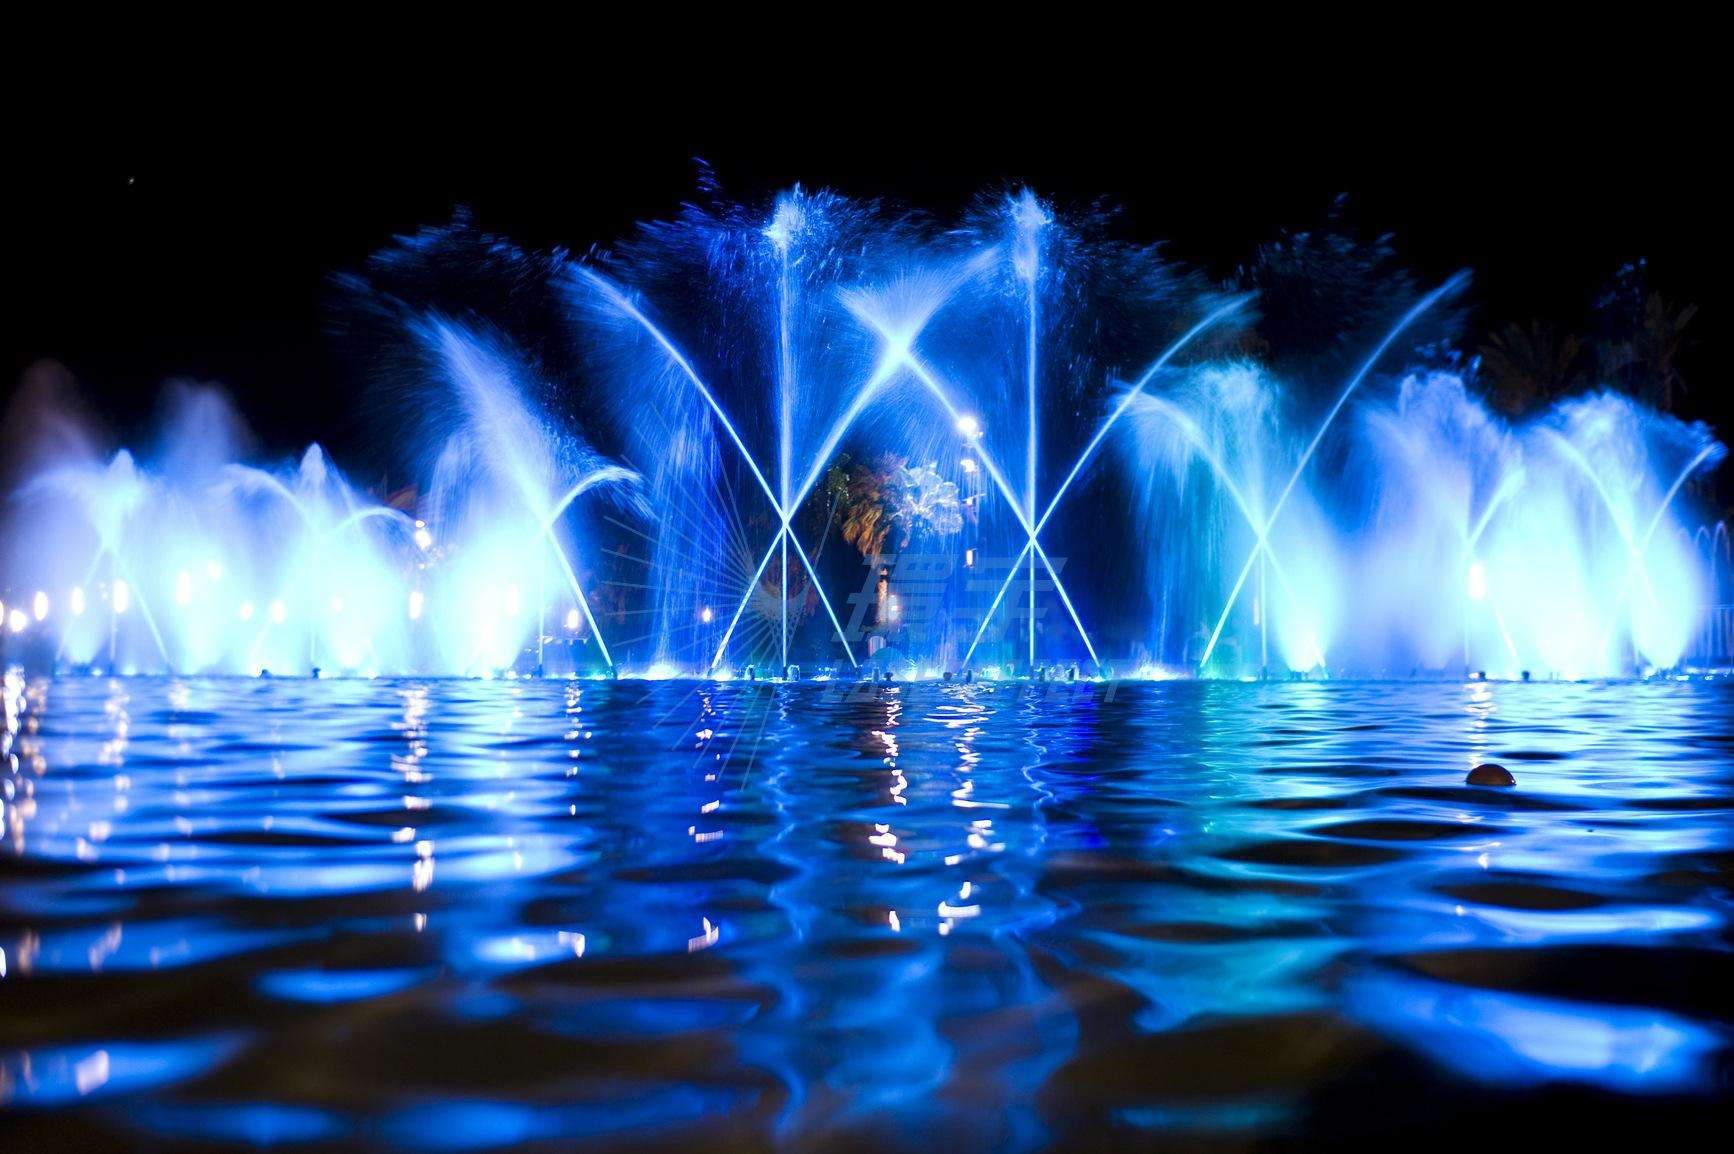 四川音乐喷泉该如何去挑选呢?跟着小编一起来看看吧